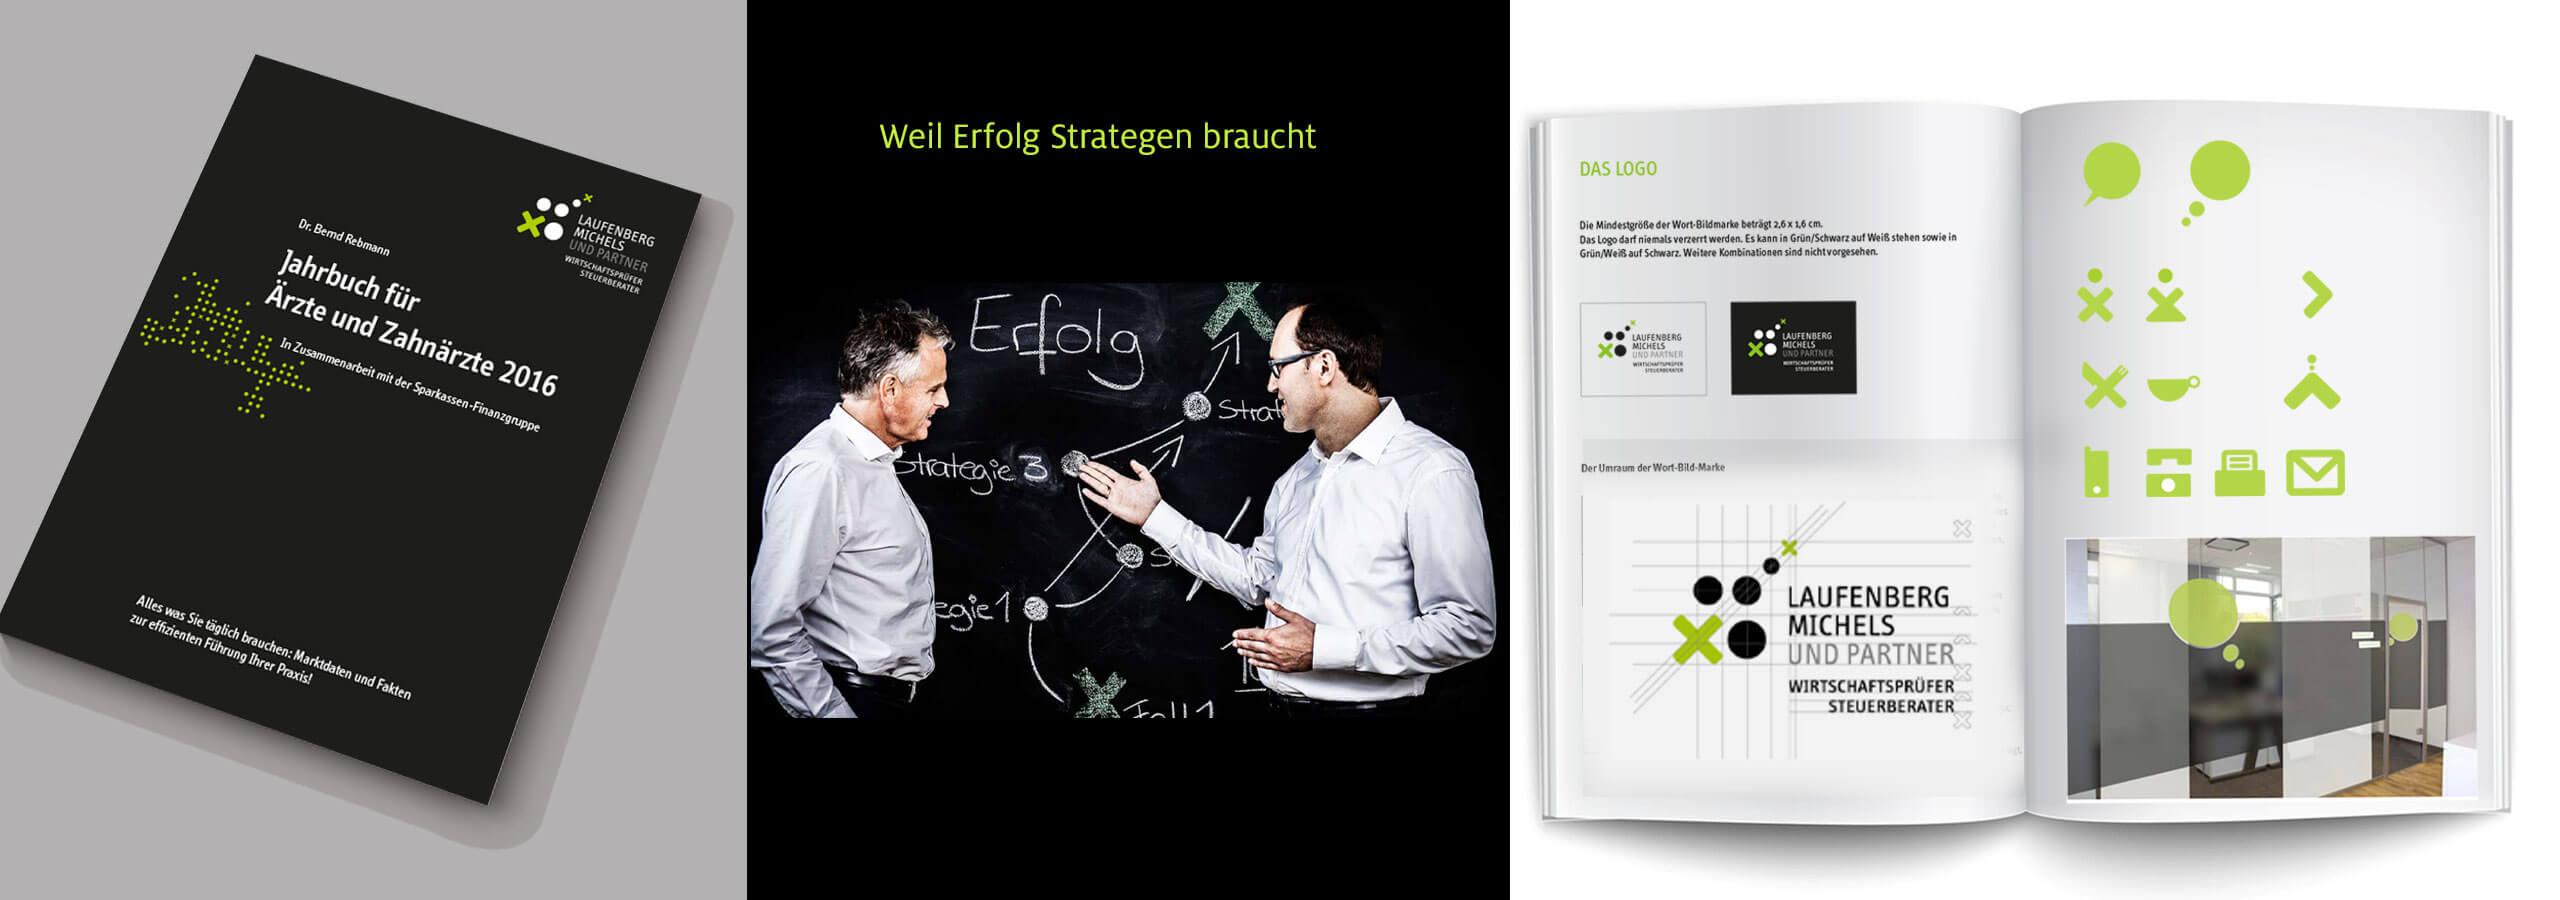 Branding und Positionierung von Designagentur Köln